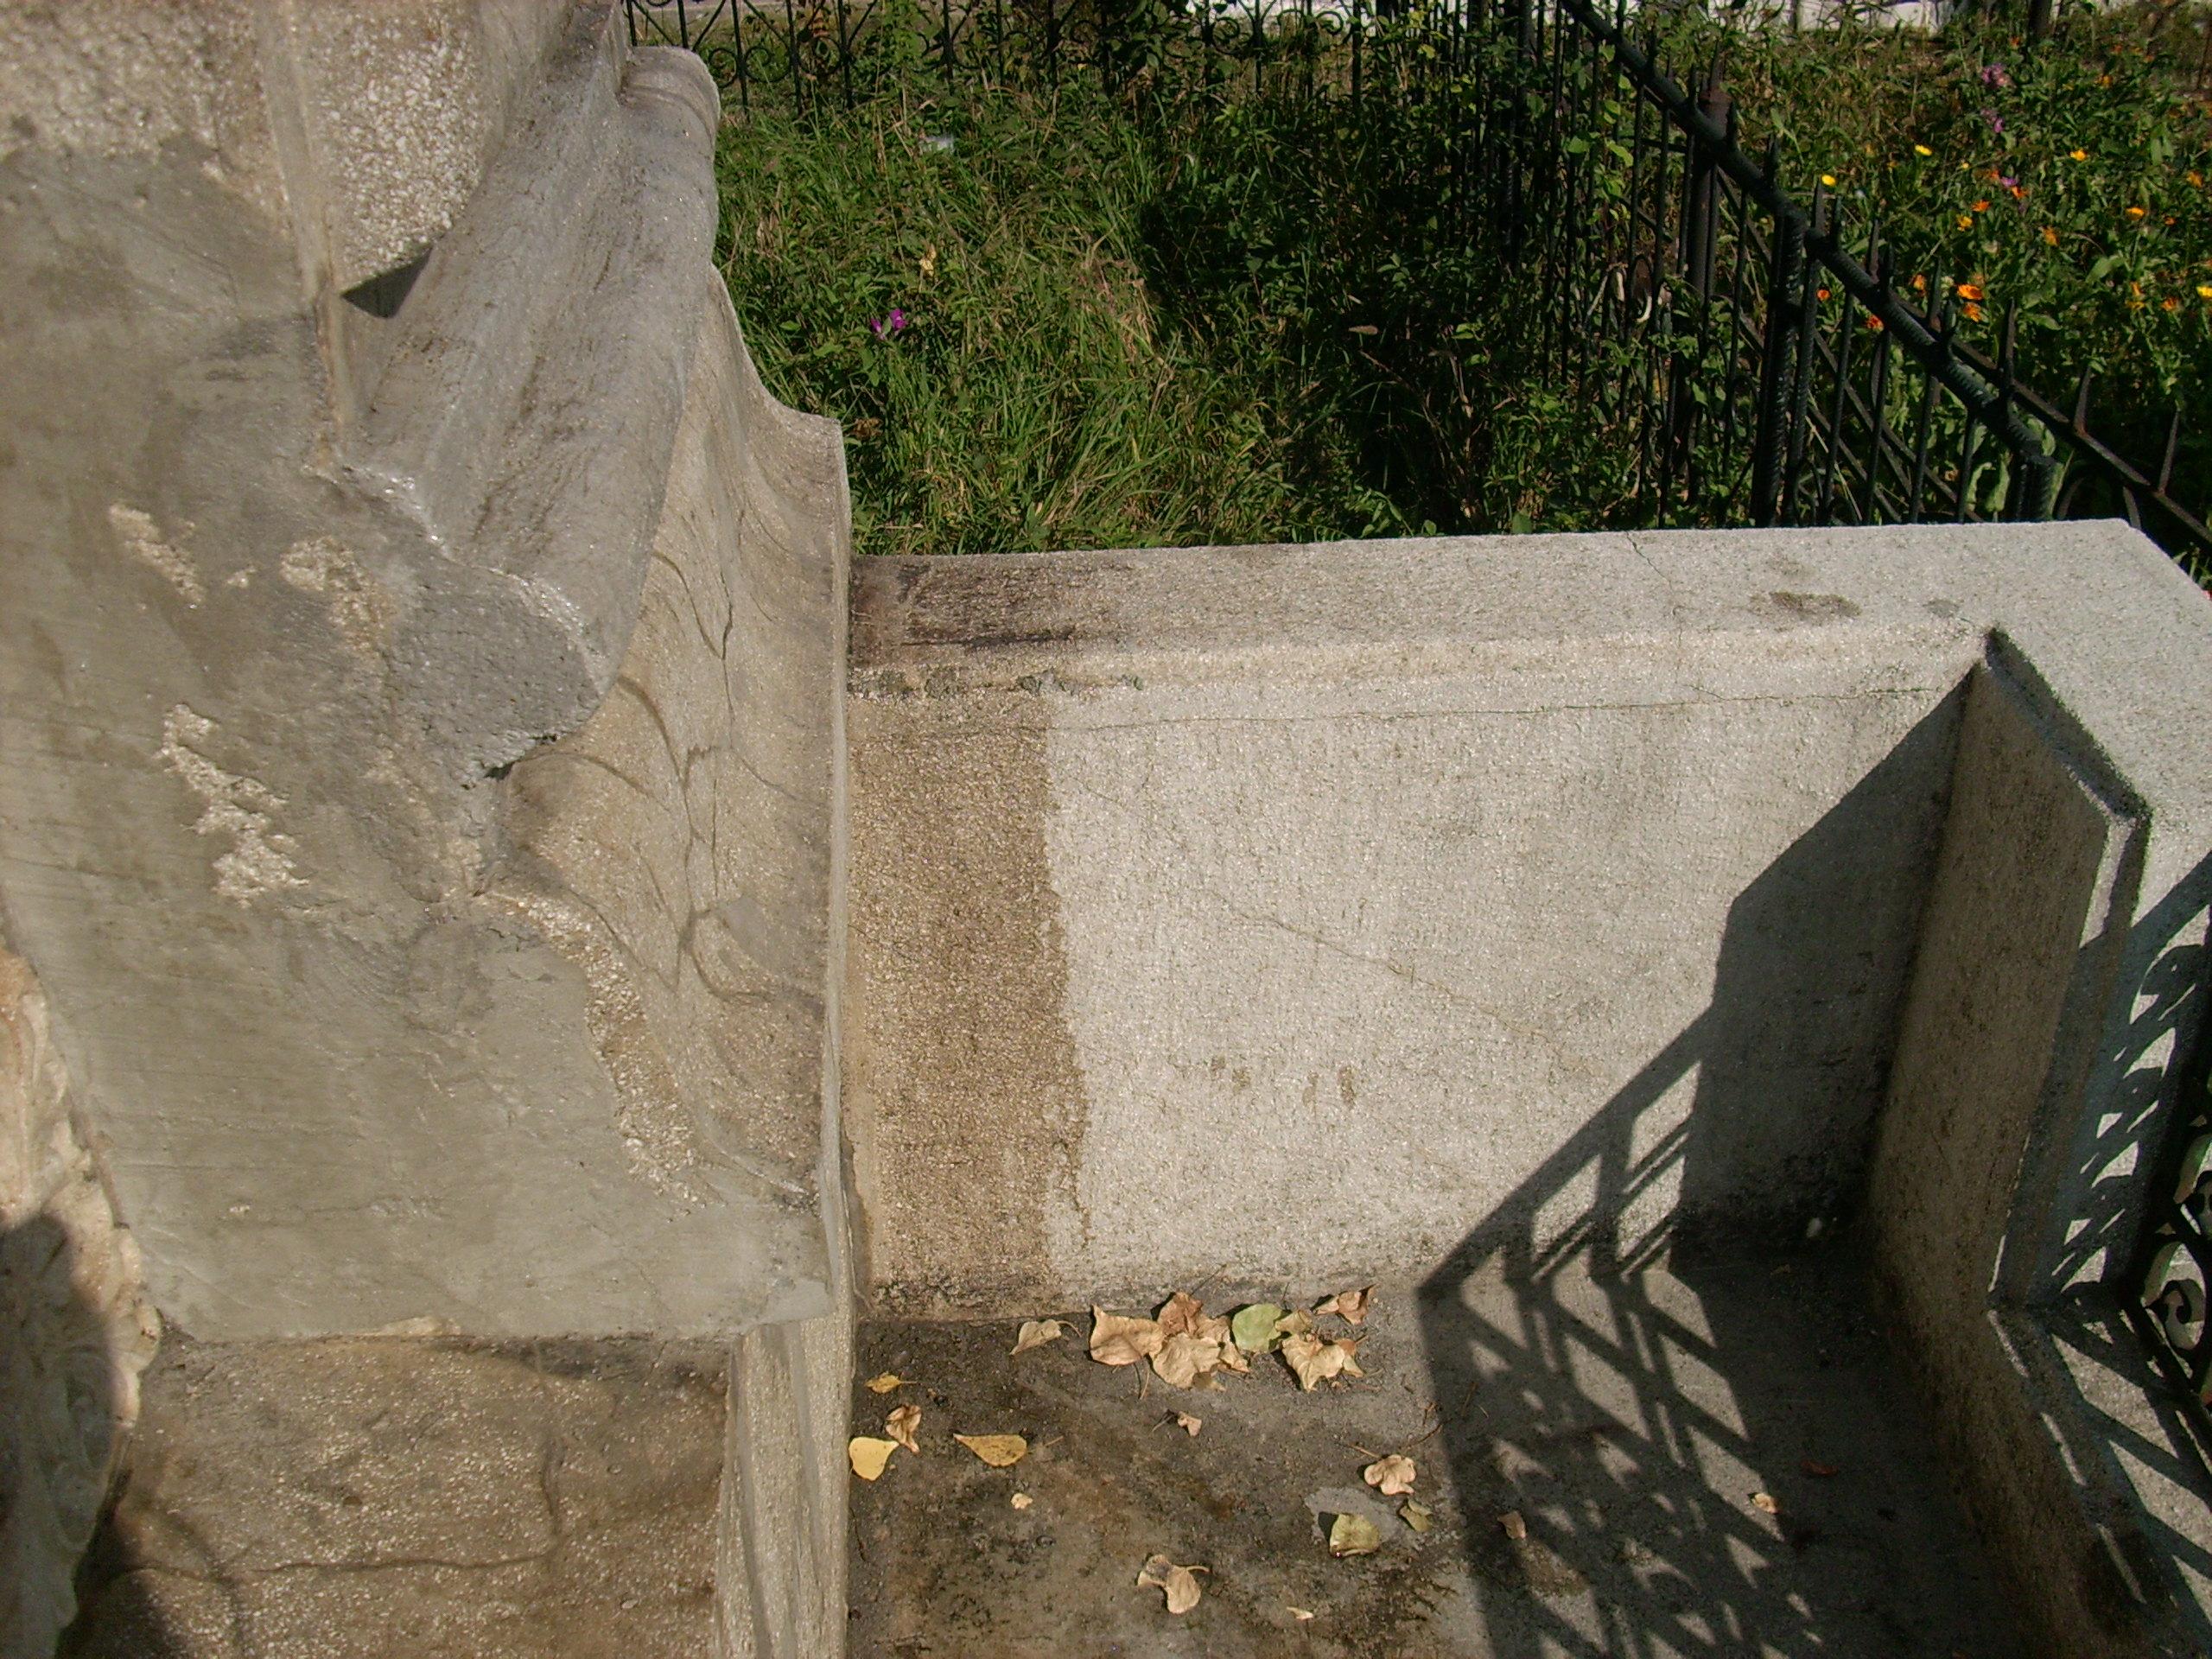 Aplicarea tratamentelor de impermeabilizare - Monument funerar UNICO PROFIT - Poza 18